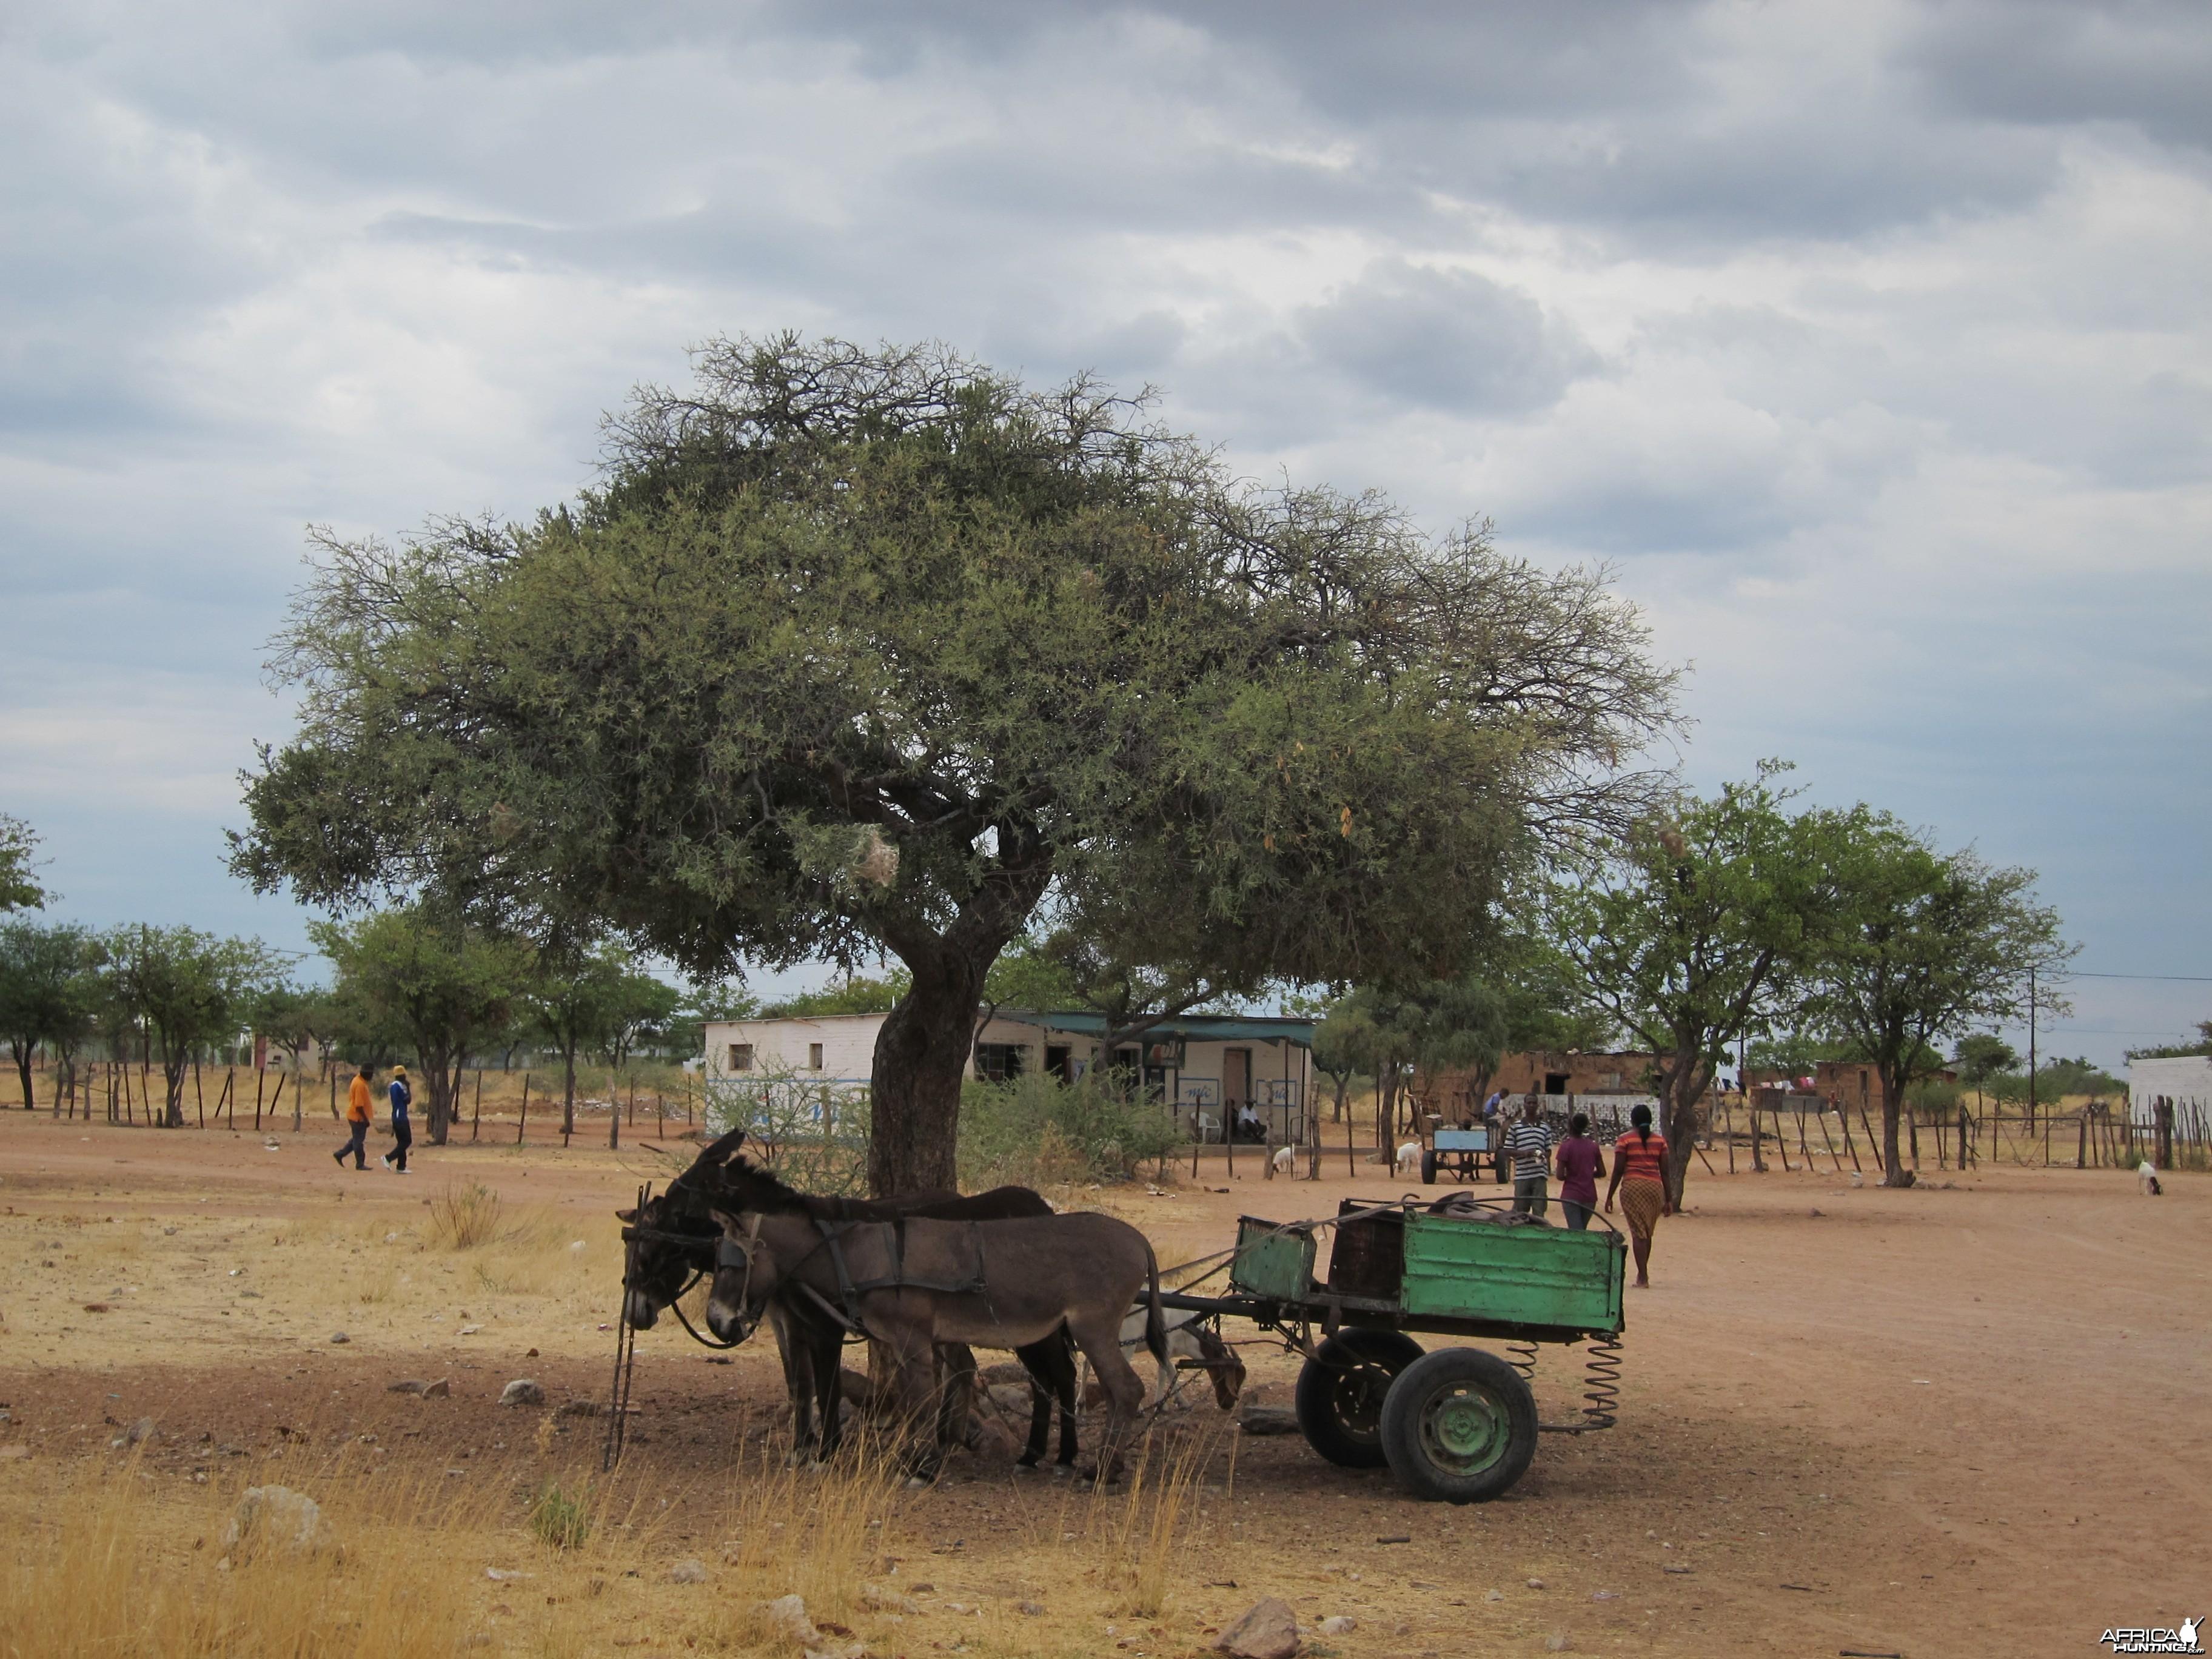 Donkey Cart Damaraland Namibia